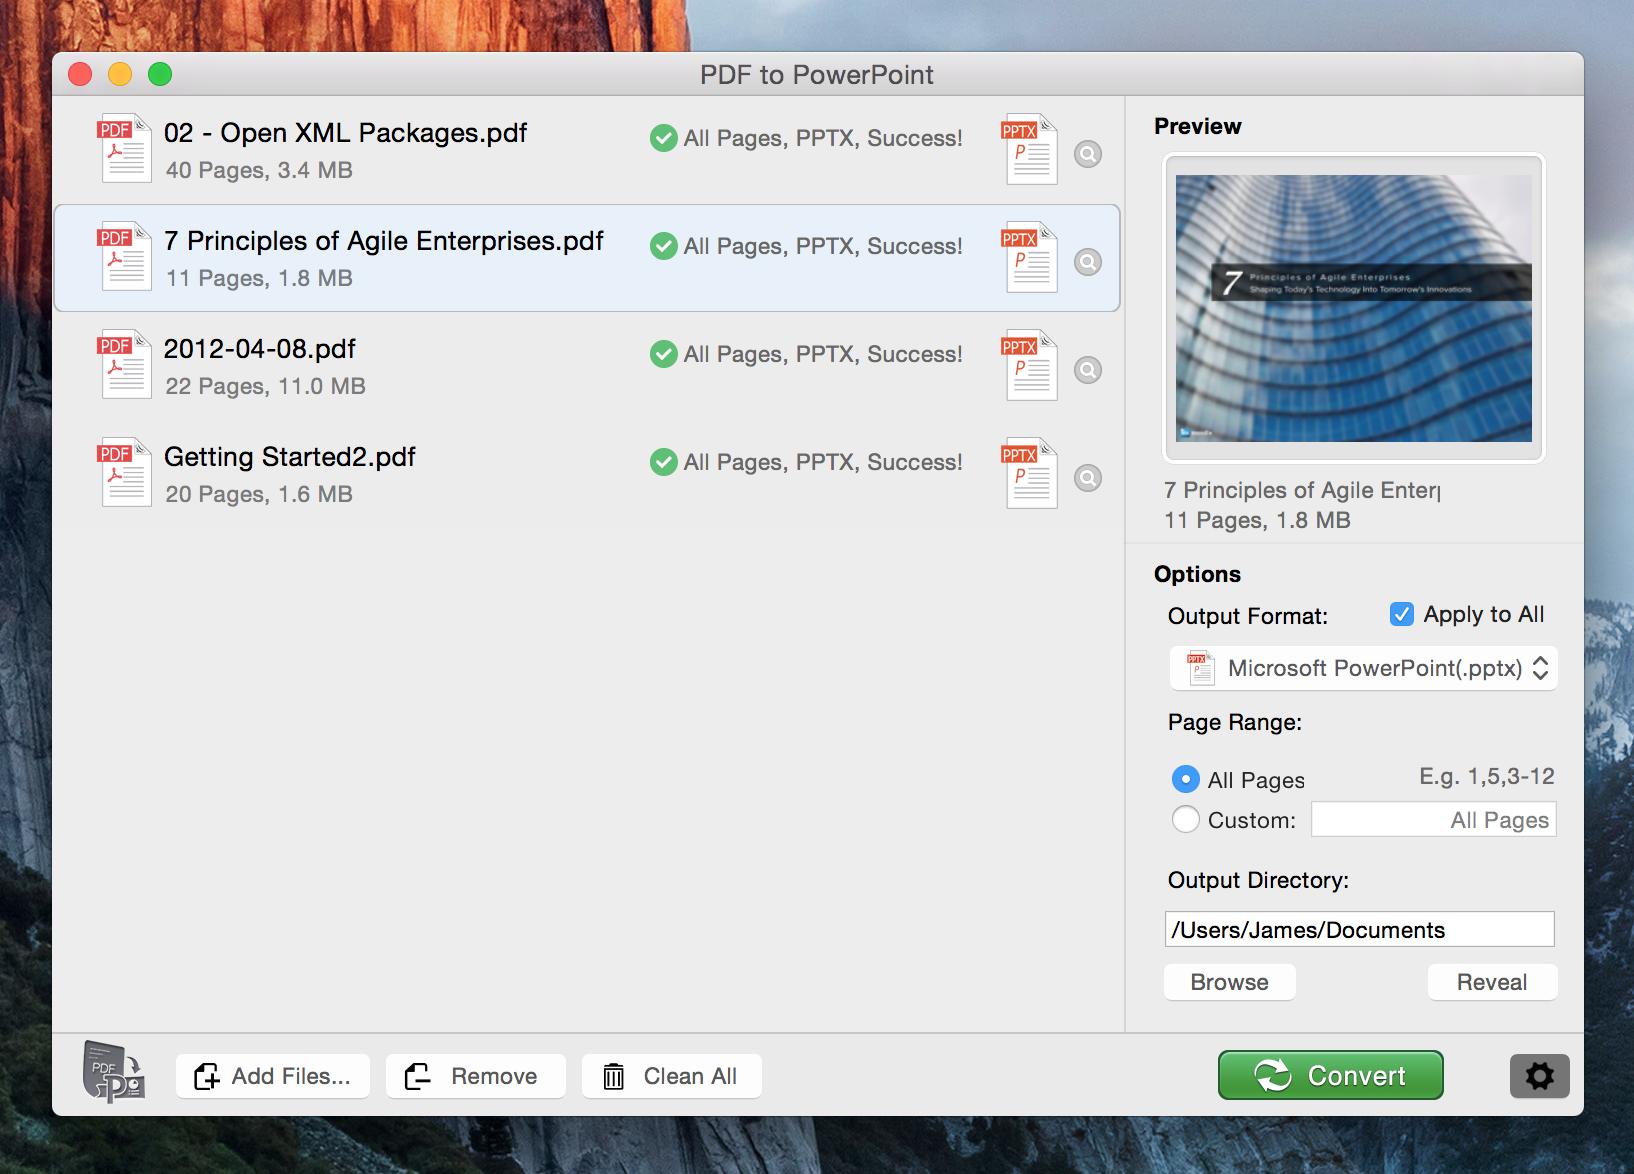 Pdf To Powerpoint For Mac Pdf To Pptx Pdf To Ppt Pdf